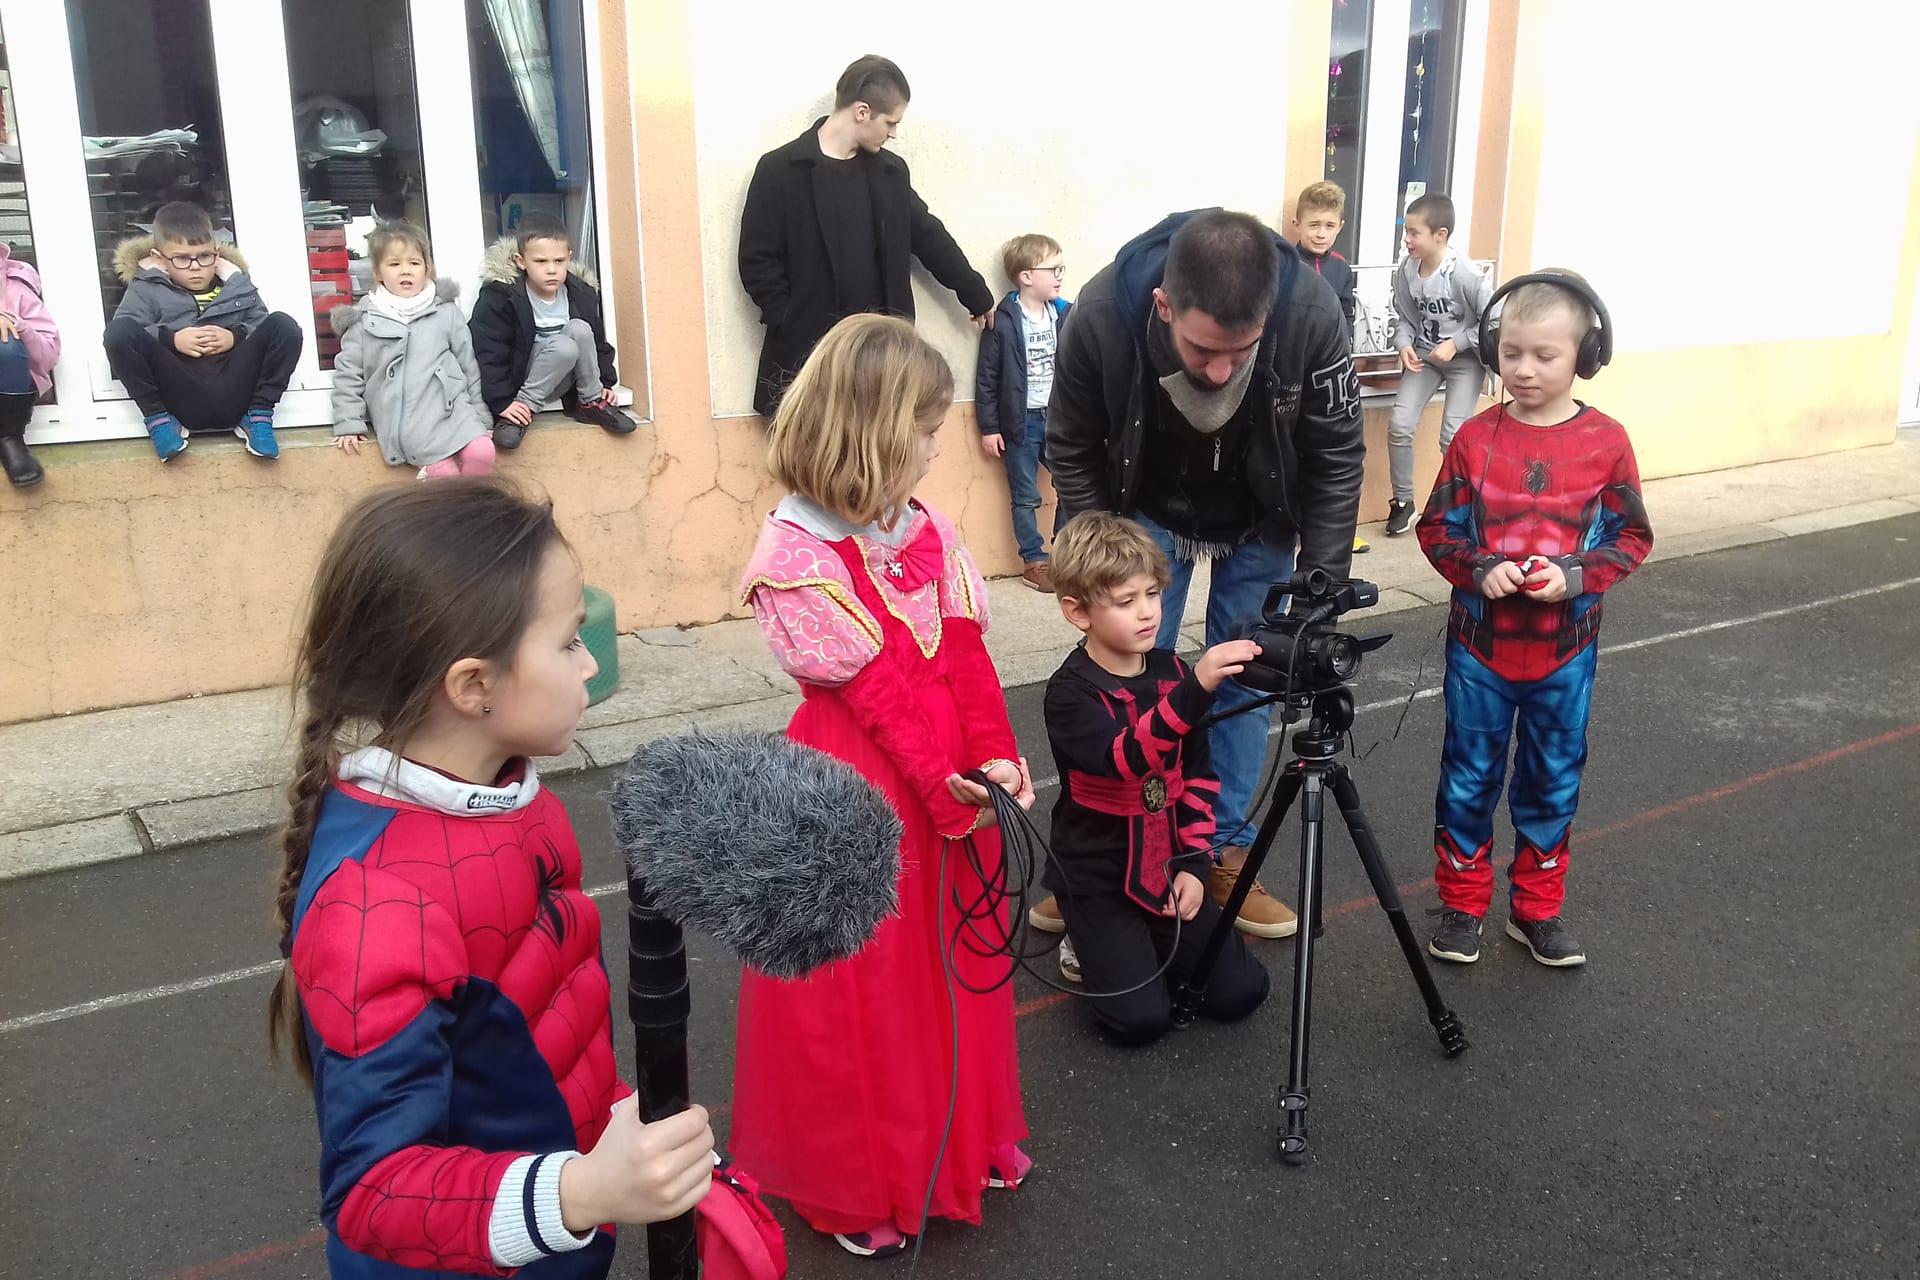 Classe découverte cinéma, tournage avec des élèves de cycle 1, cycle 2